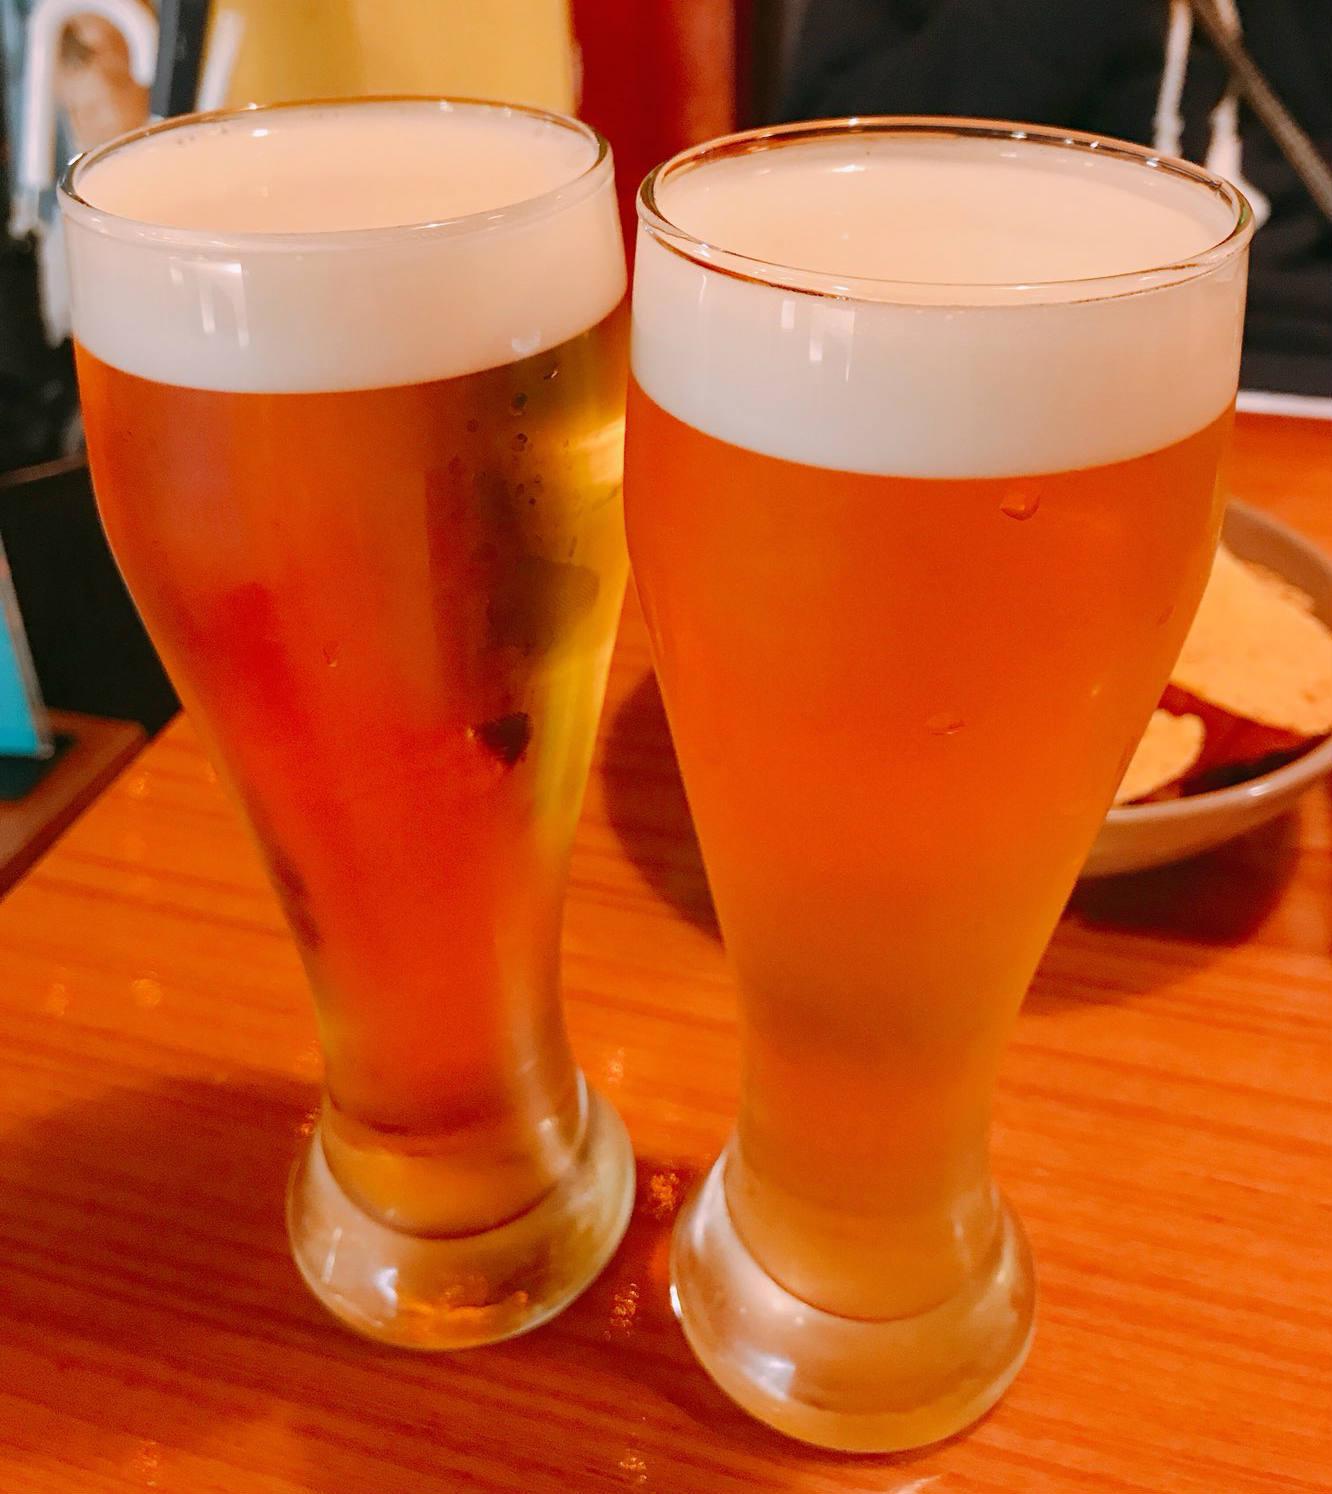 啤酒方面,有各式口味讓人挑選,例如檸檬味、葡萄味等等。